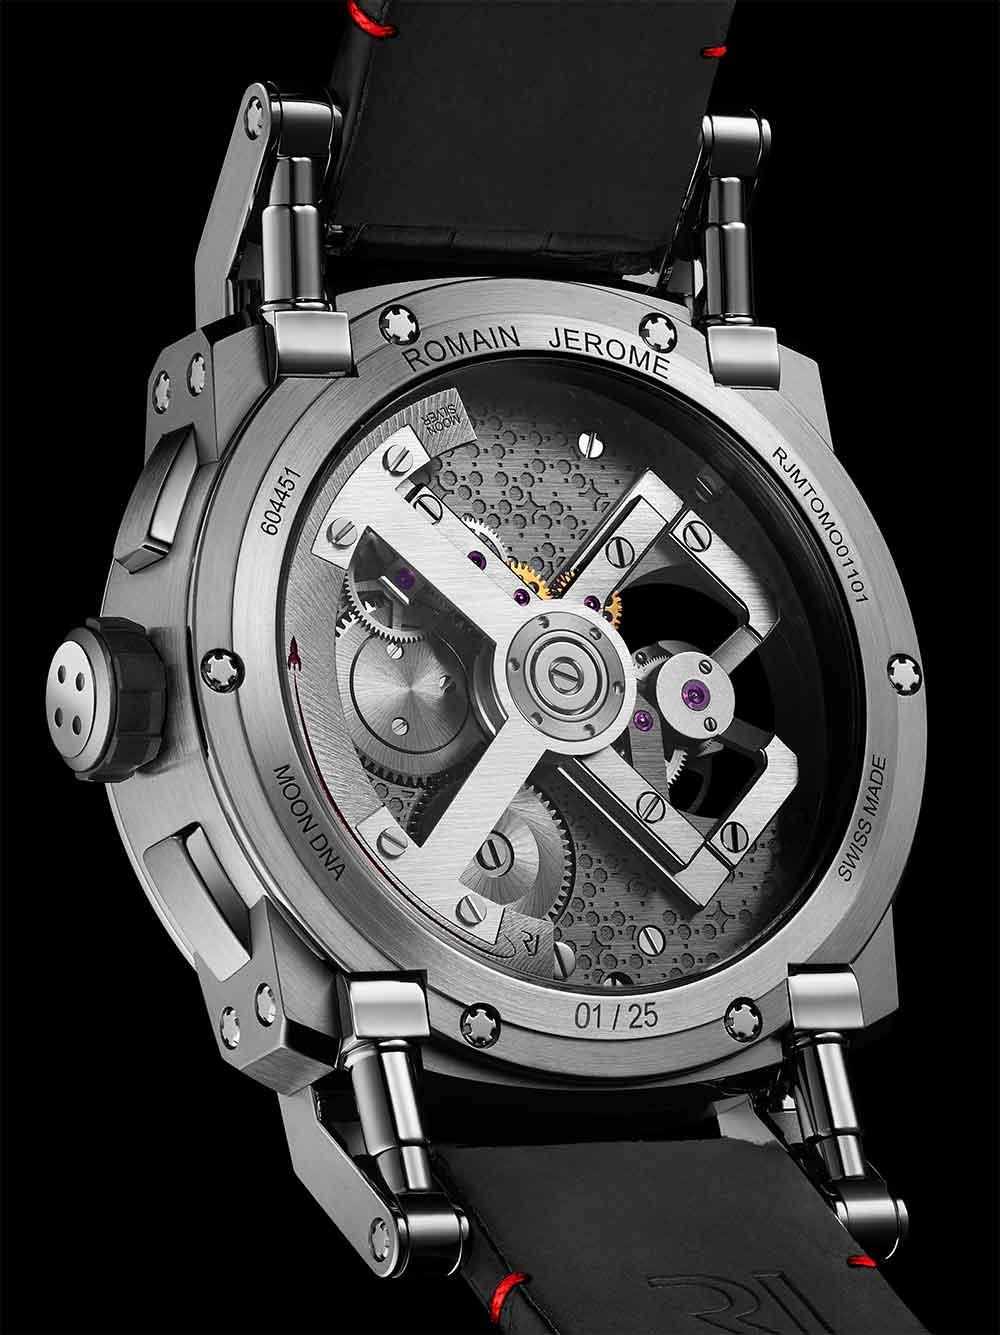 Romain Jerome Moon Orbiter GMT, caseback